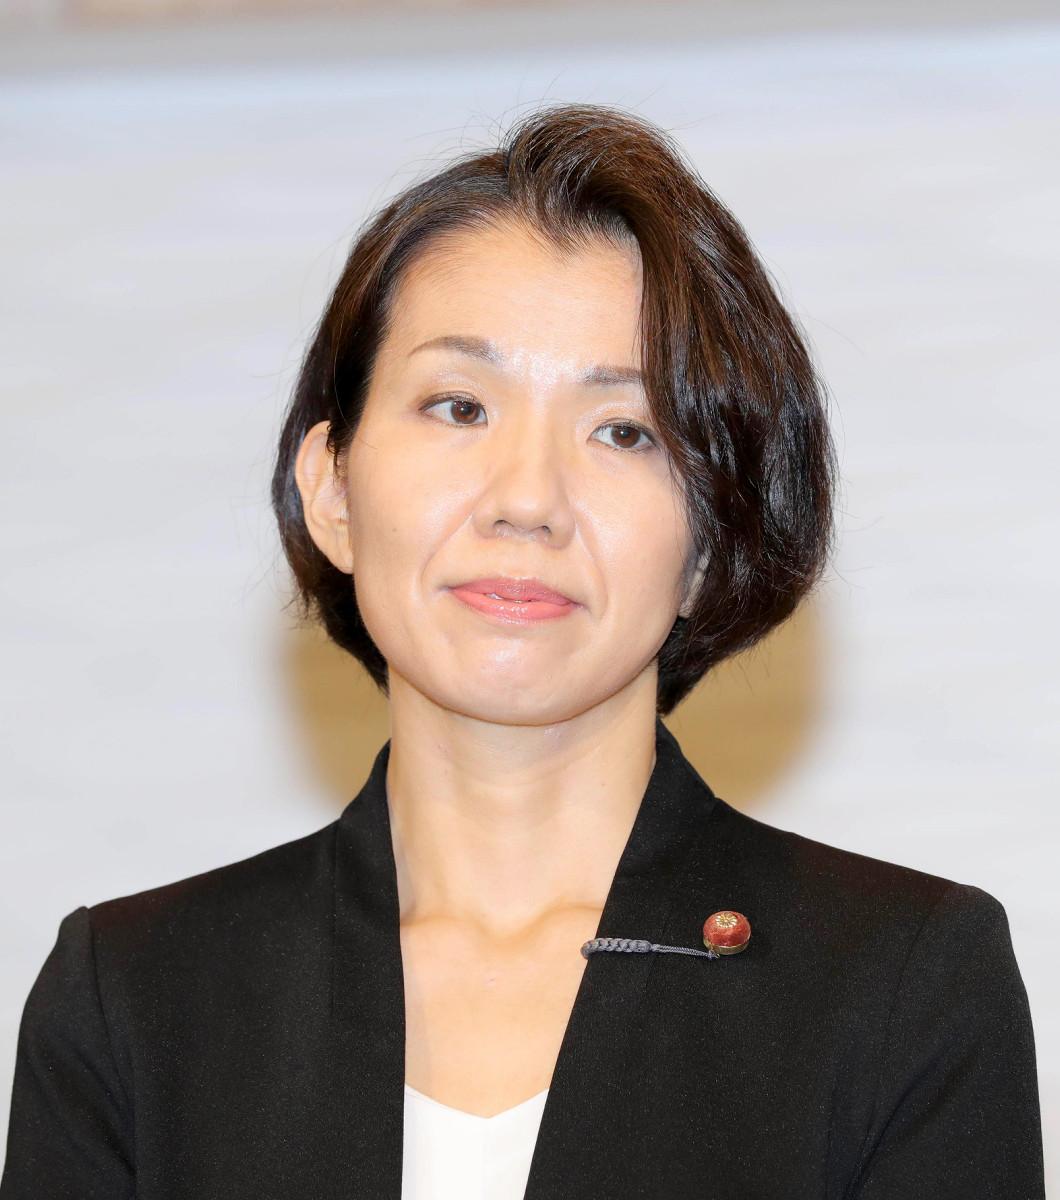 「このハゲー」元衆院議員・豊田真由子さん、「バイキング」生出演「その節は皆さま、いろいろお世話になりました」